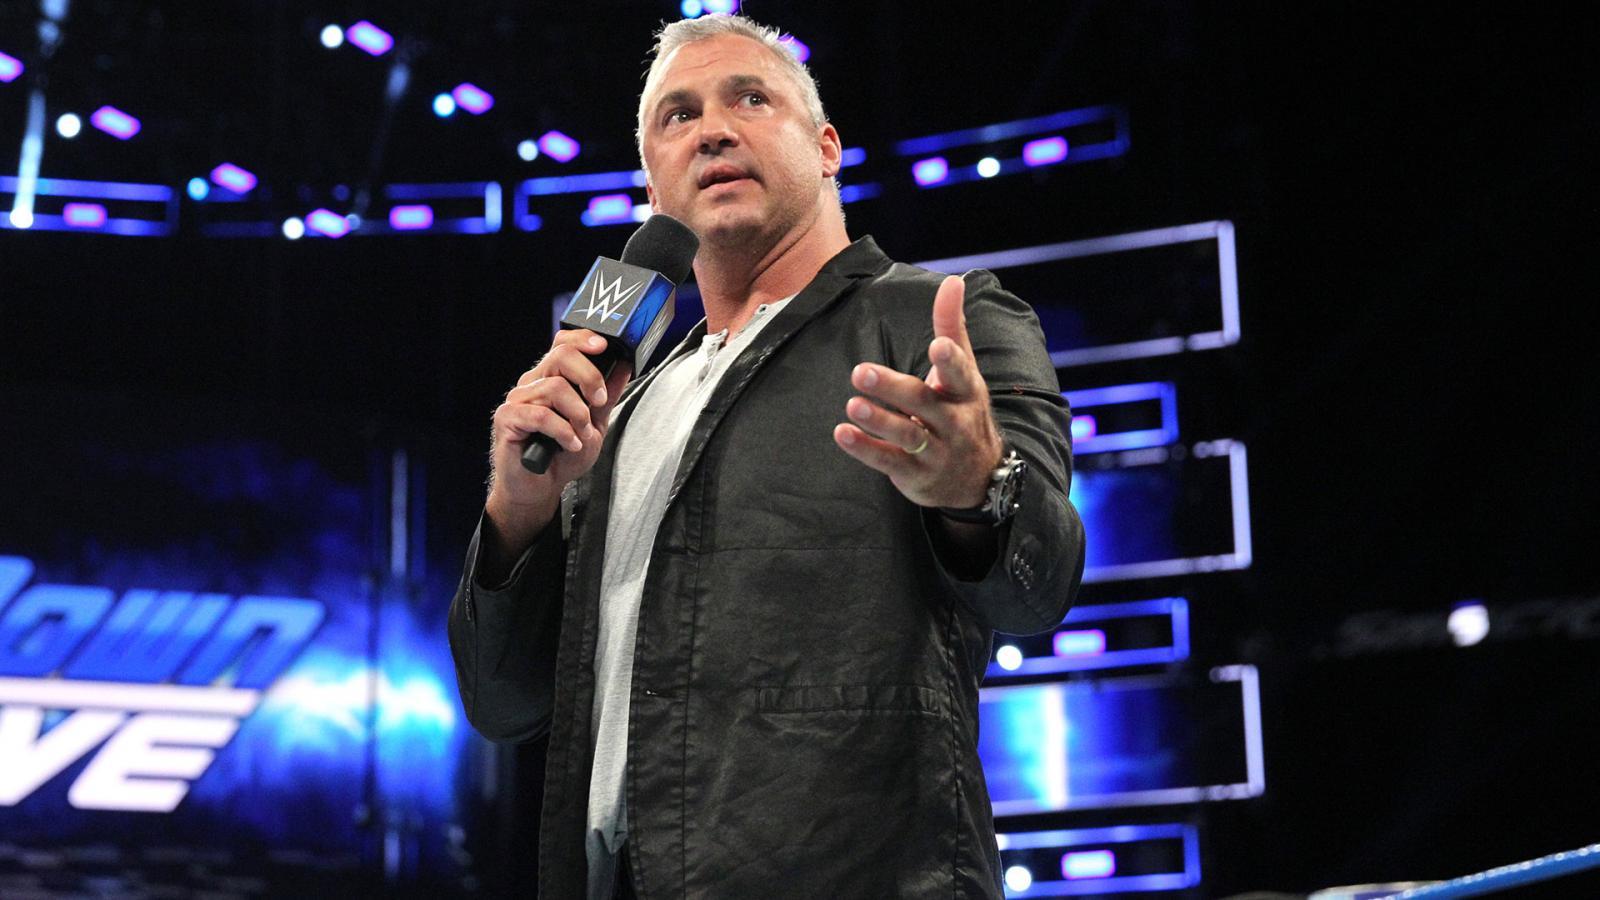 20 सितम्बर 2017 WWE SMACKDOWN RESULTS: ये रहे मैचो के रिजल्ट्स, जाने क्या रहा शेन मैकमोहन का जवाब ? 42